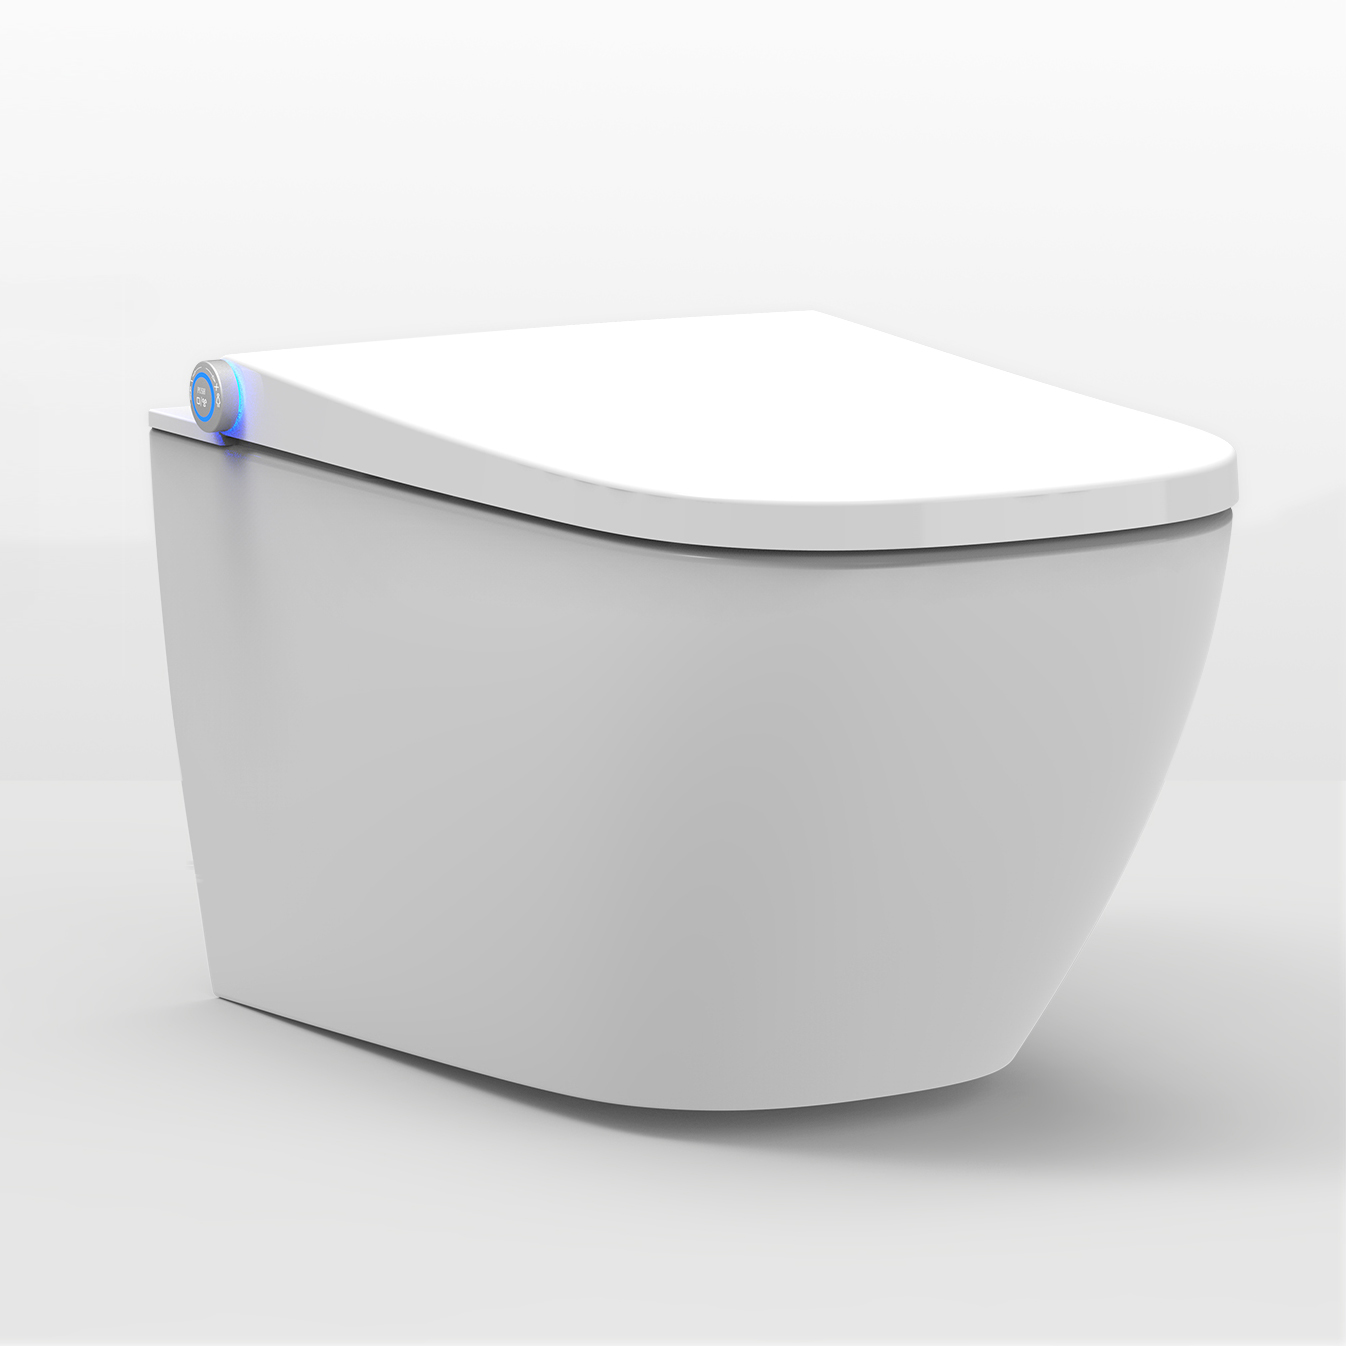 BERNSTEIN Dusch-WC Basic 1104 - mit Gesäß- und Ladydusche